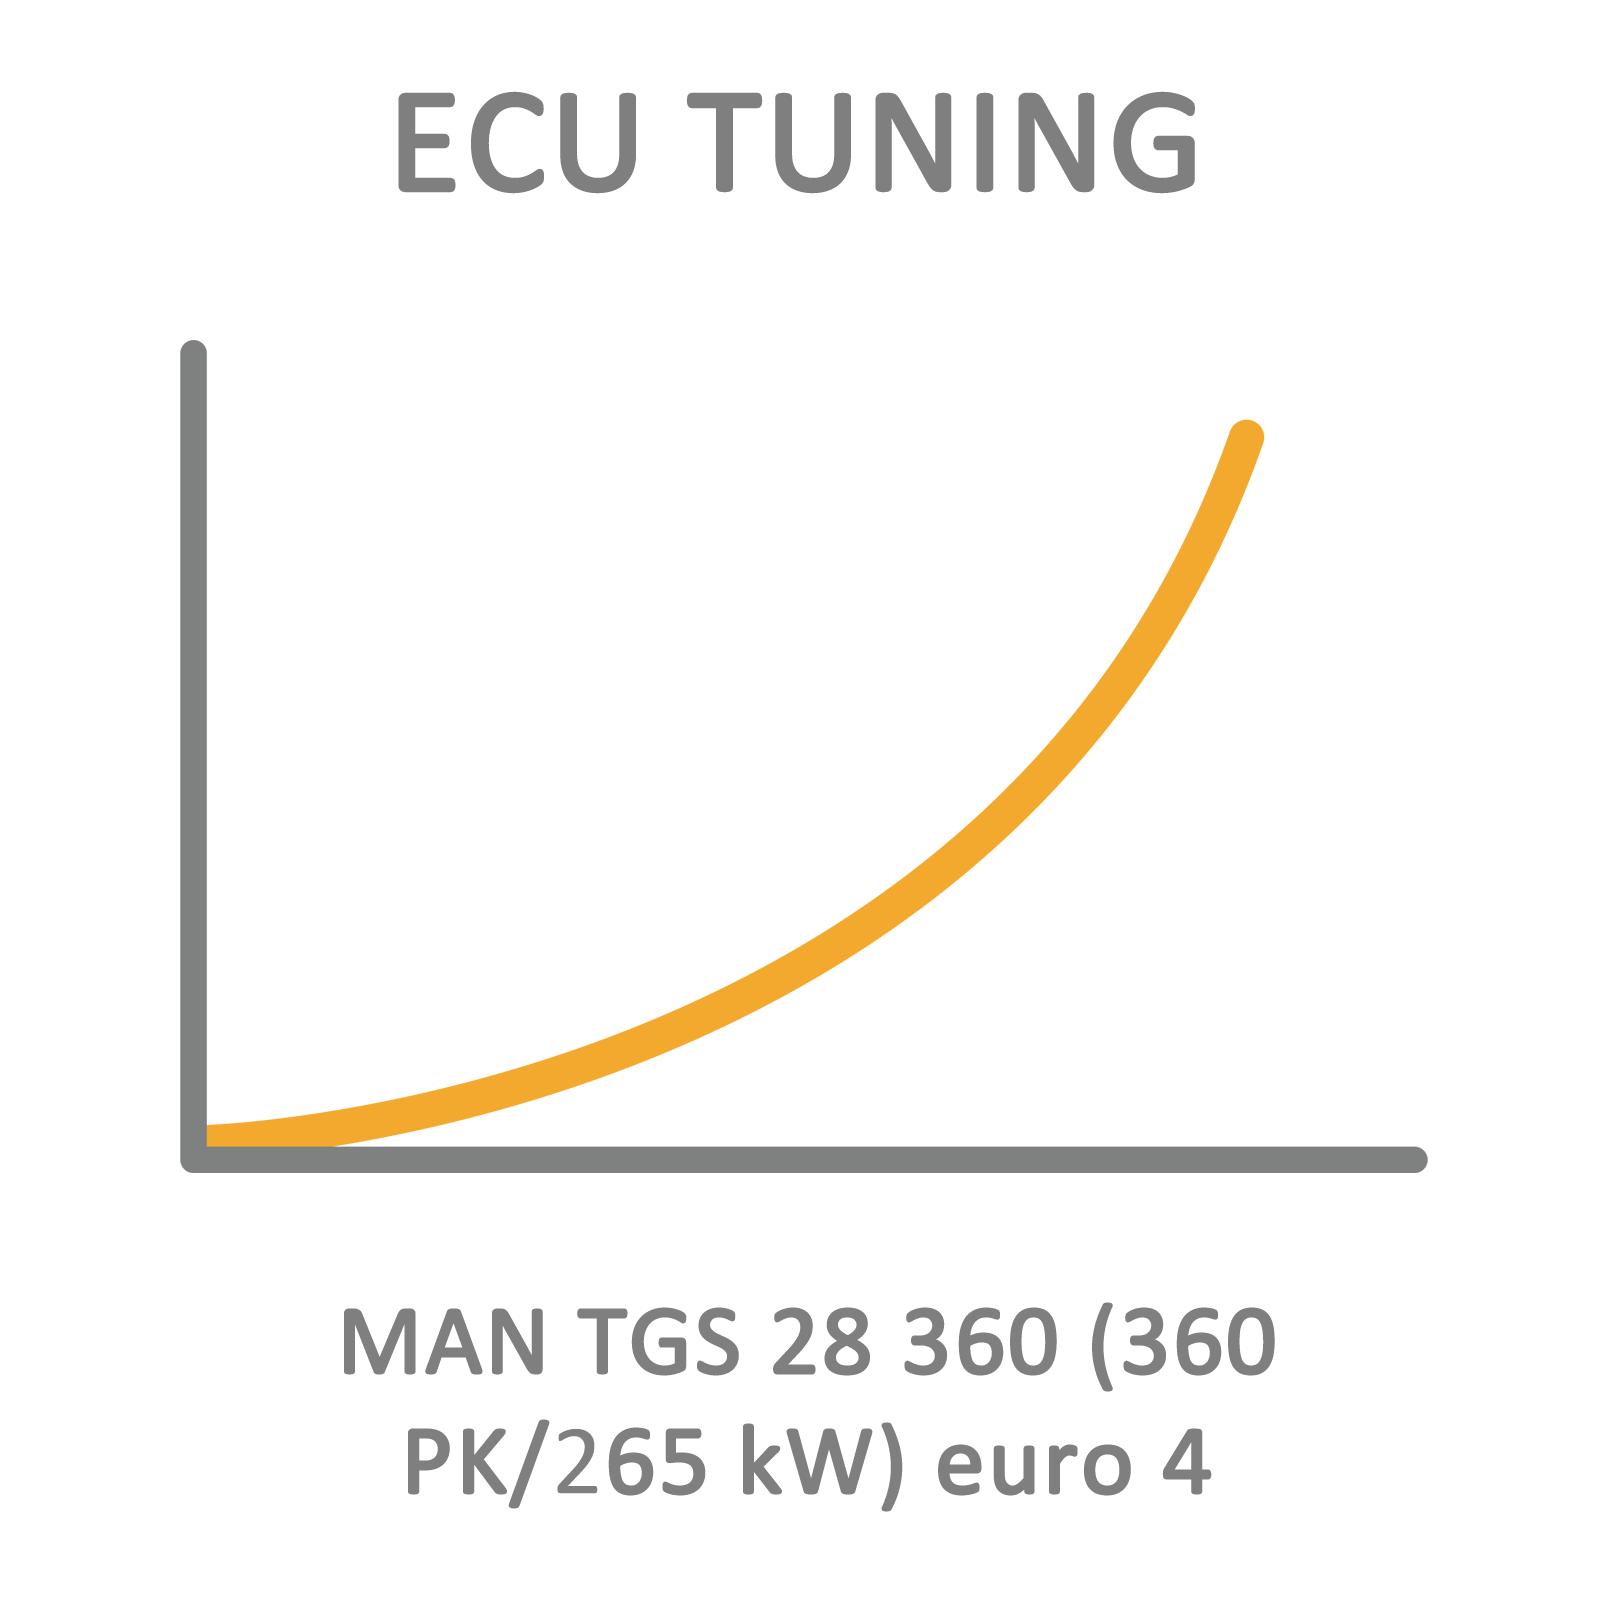 MAN TGS 28 360 (360 PK/265 kW) euro 4 ECU Tuning Remapping